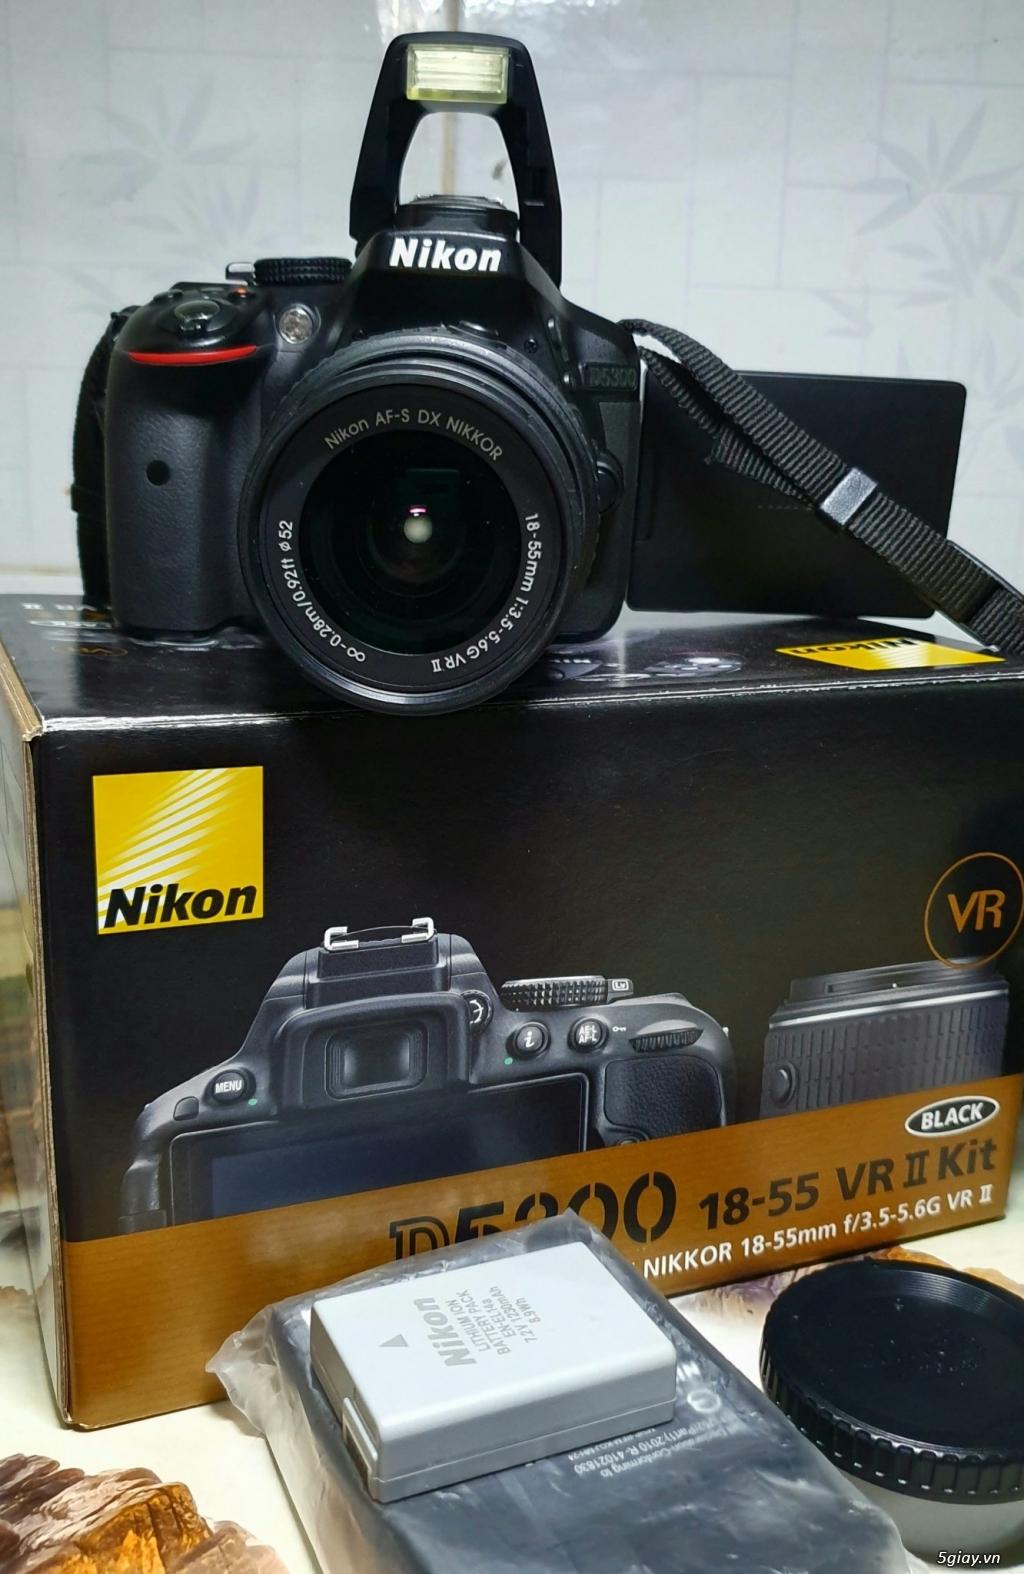 Cần bán máy ảnh Nikon D5300 kit AFS 18-55 VR - 2